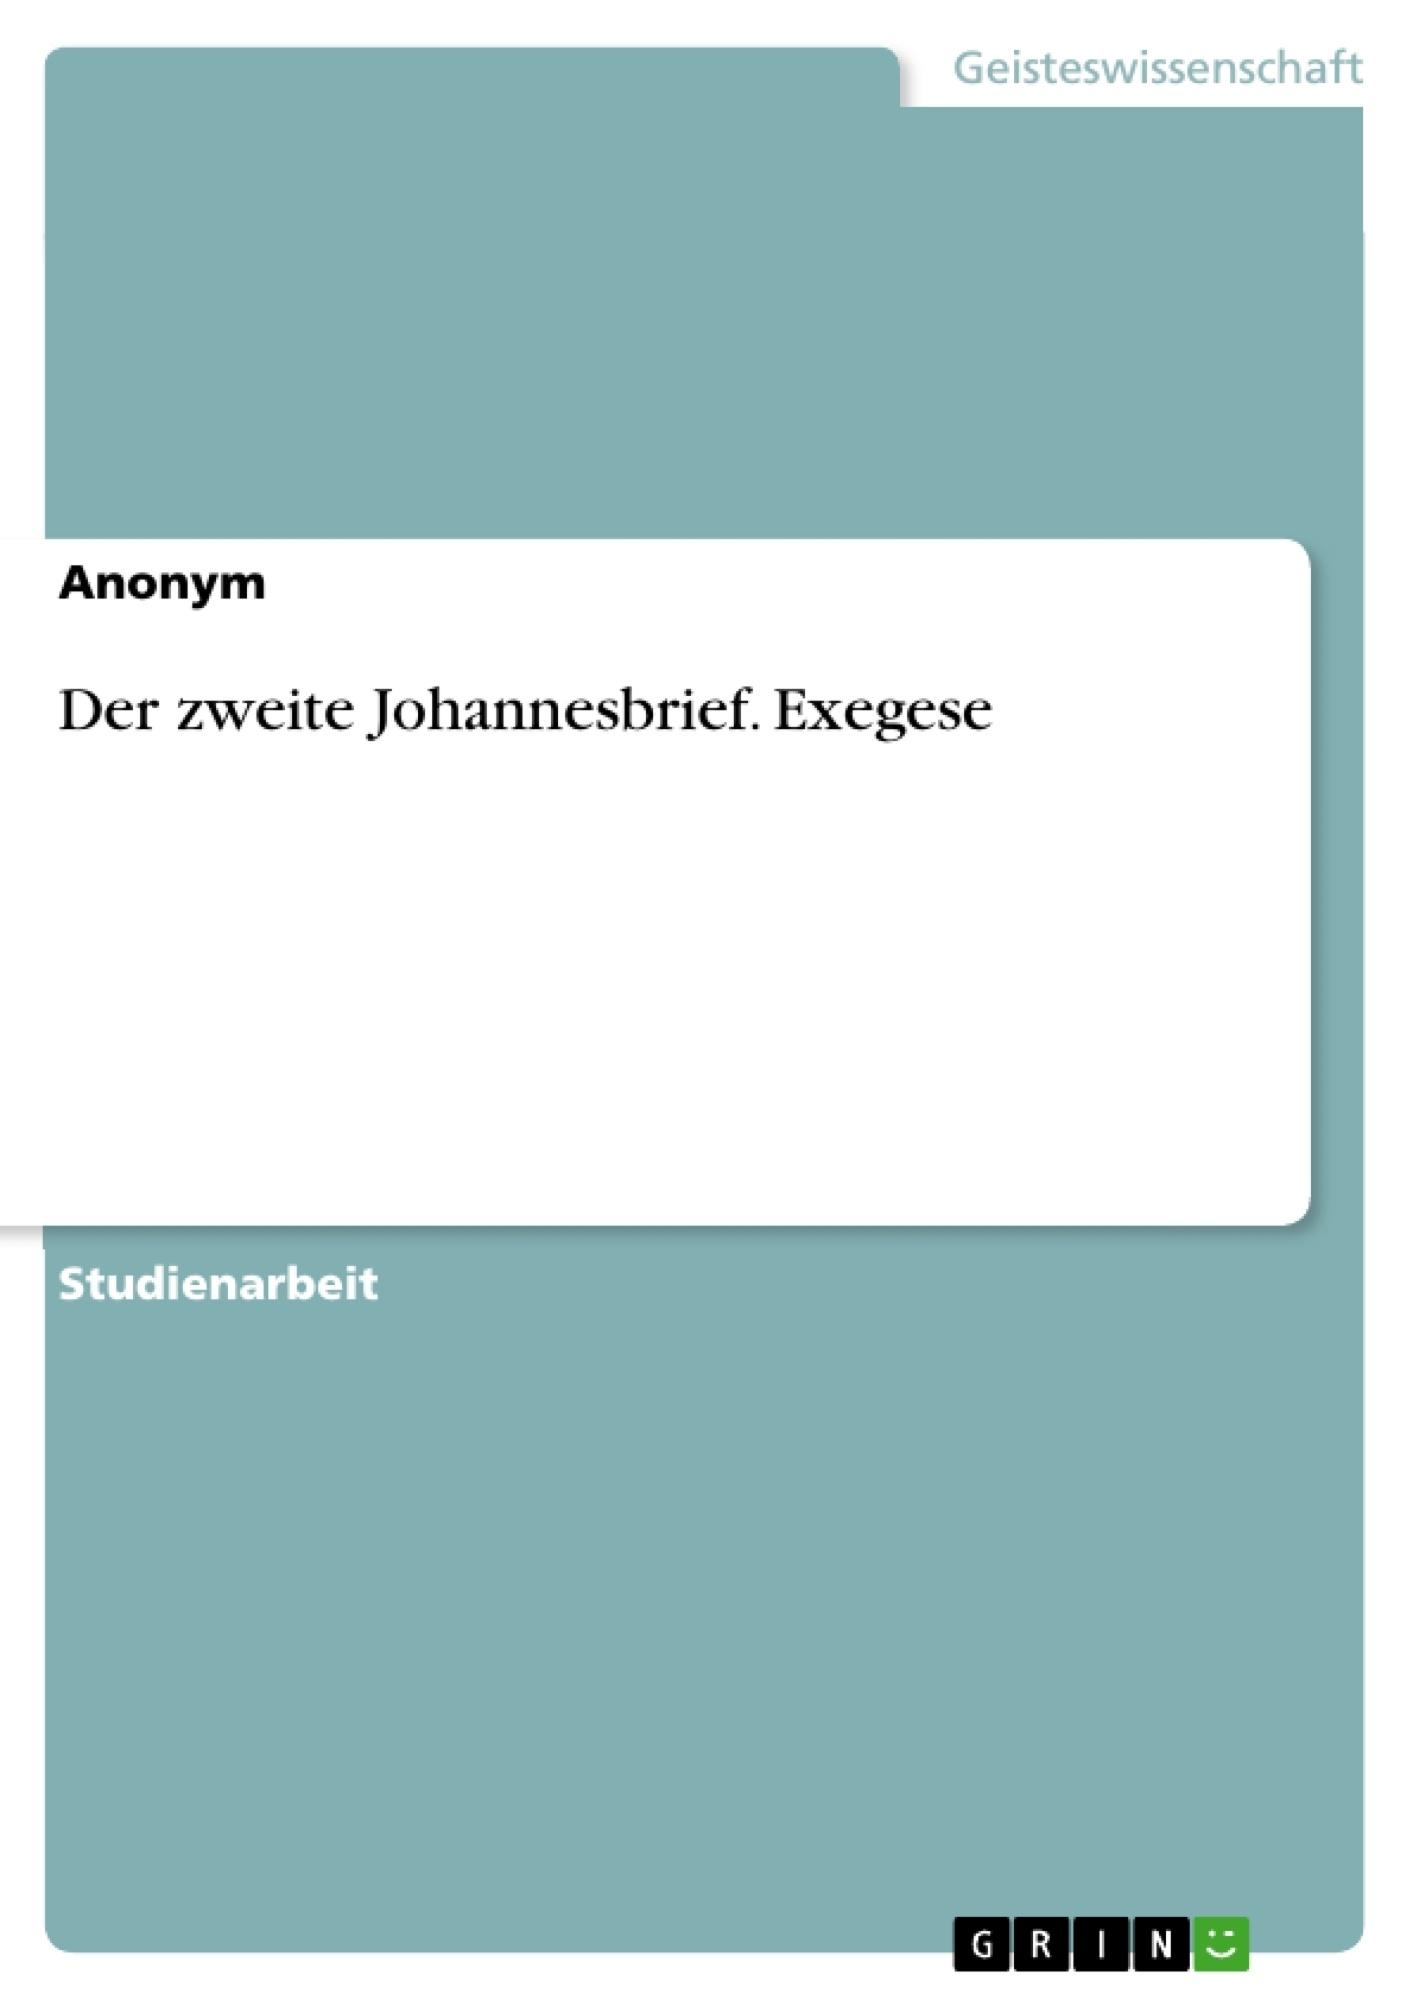 Titel: Der zweite Johannesbrief. Exegese